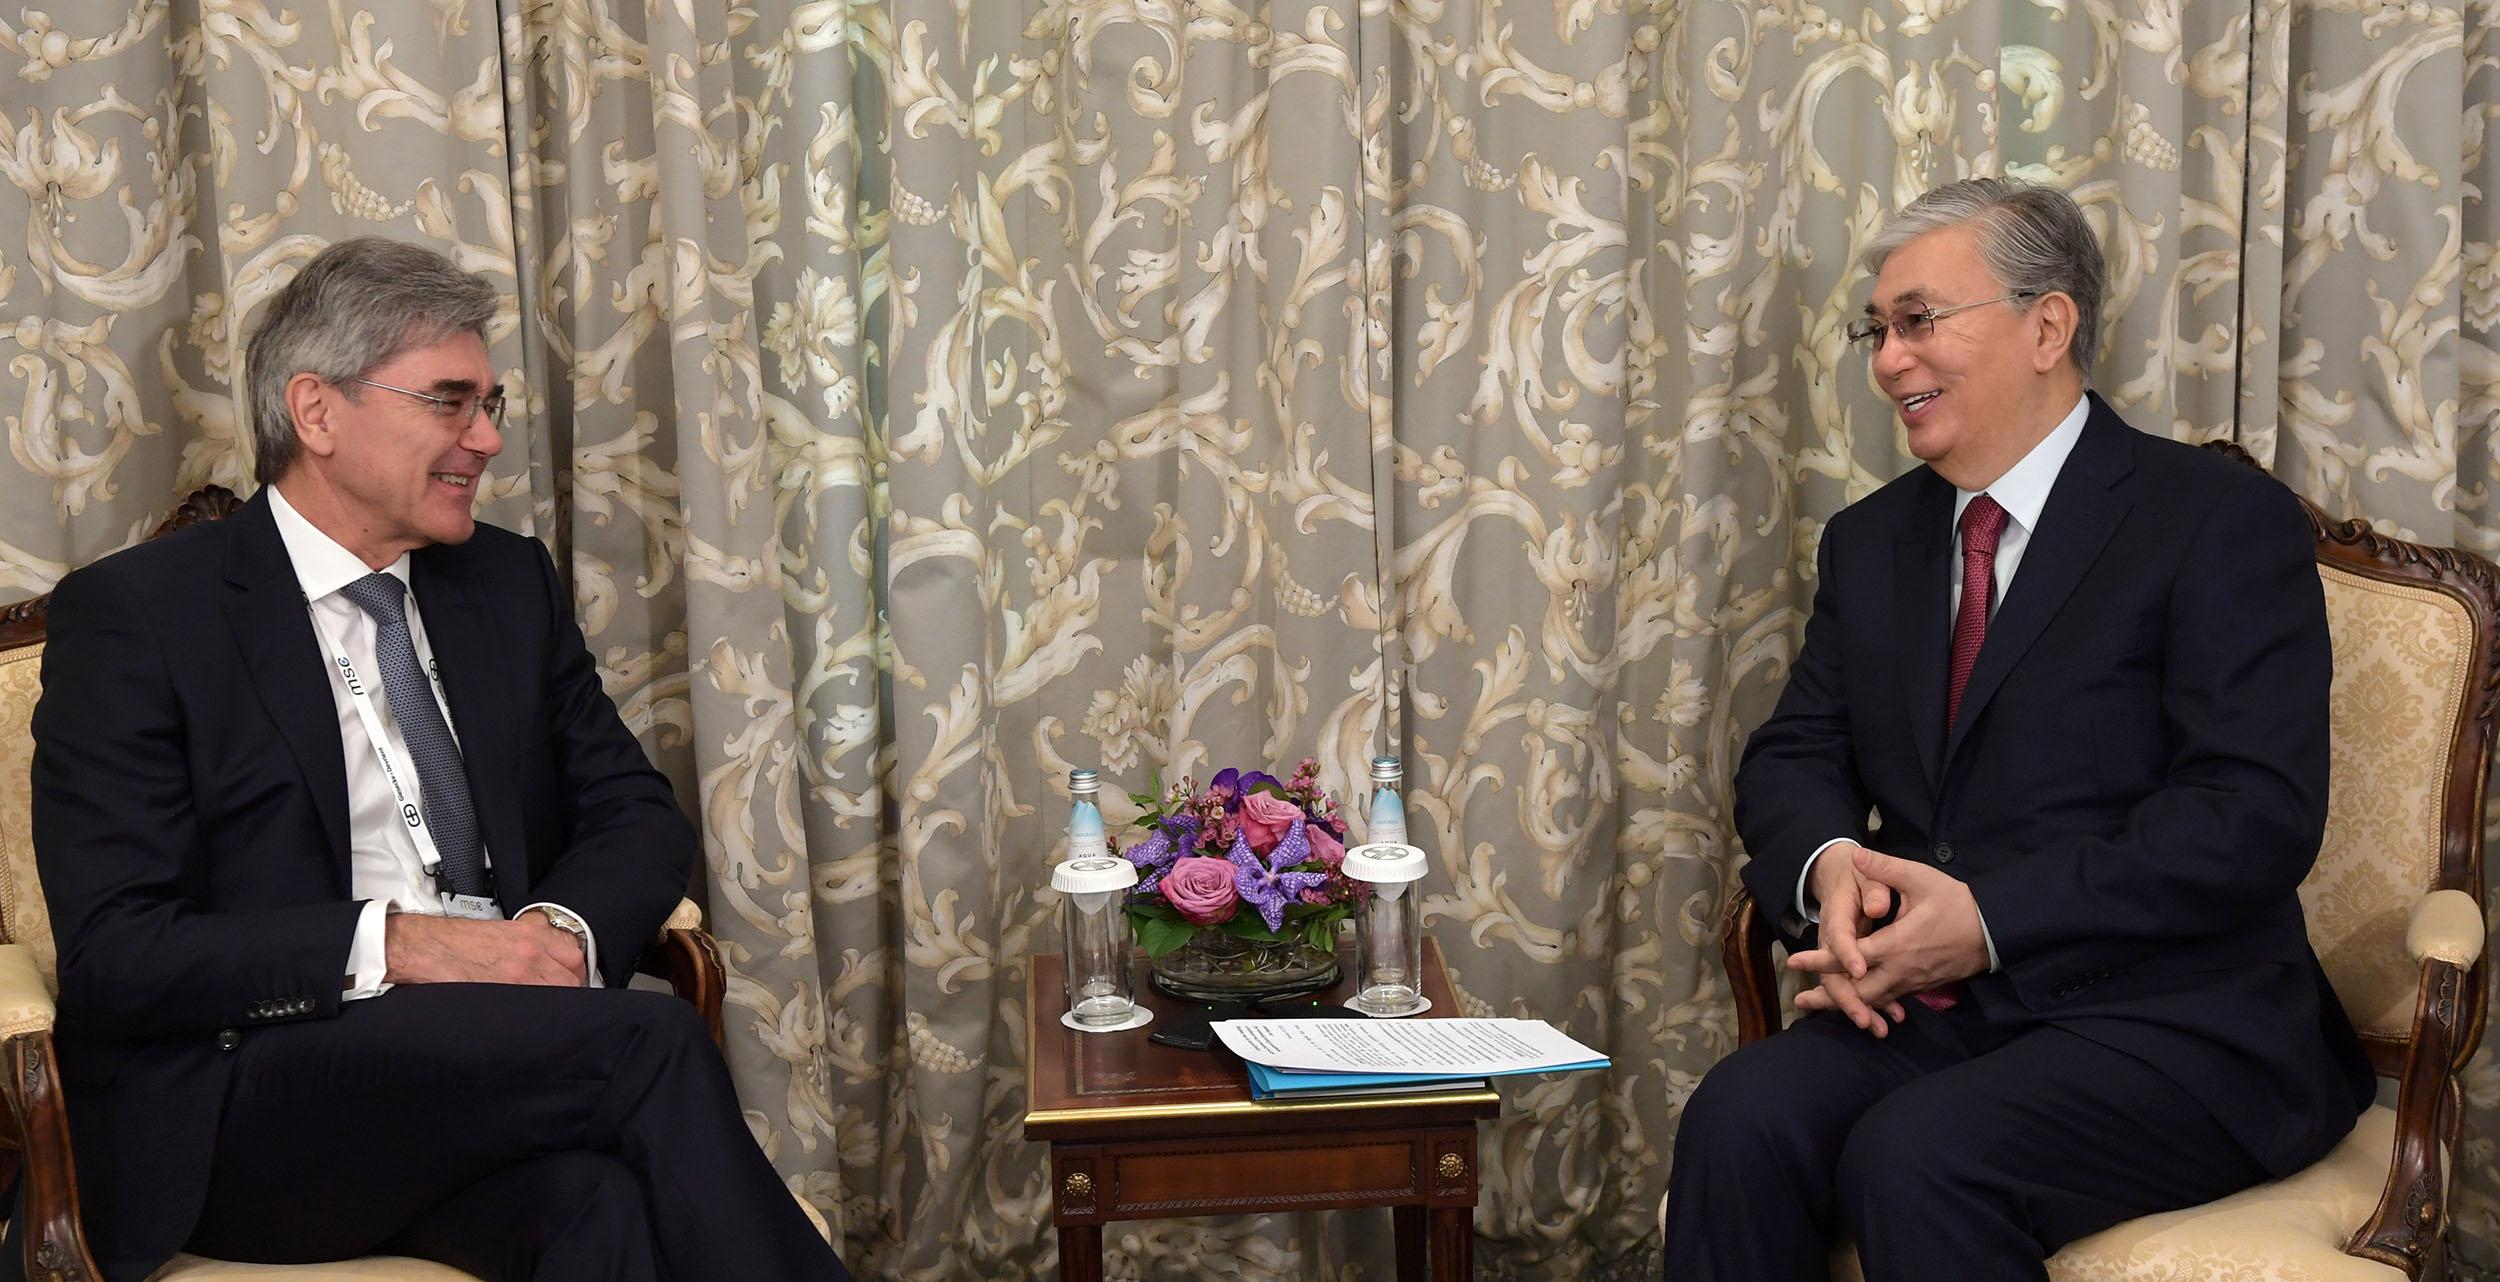 Мемлекет басшысы «Siemens AG» компаниясының атқарушы директоры Джо Кэзермен кездесті